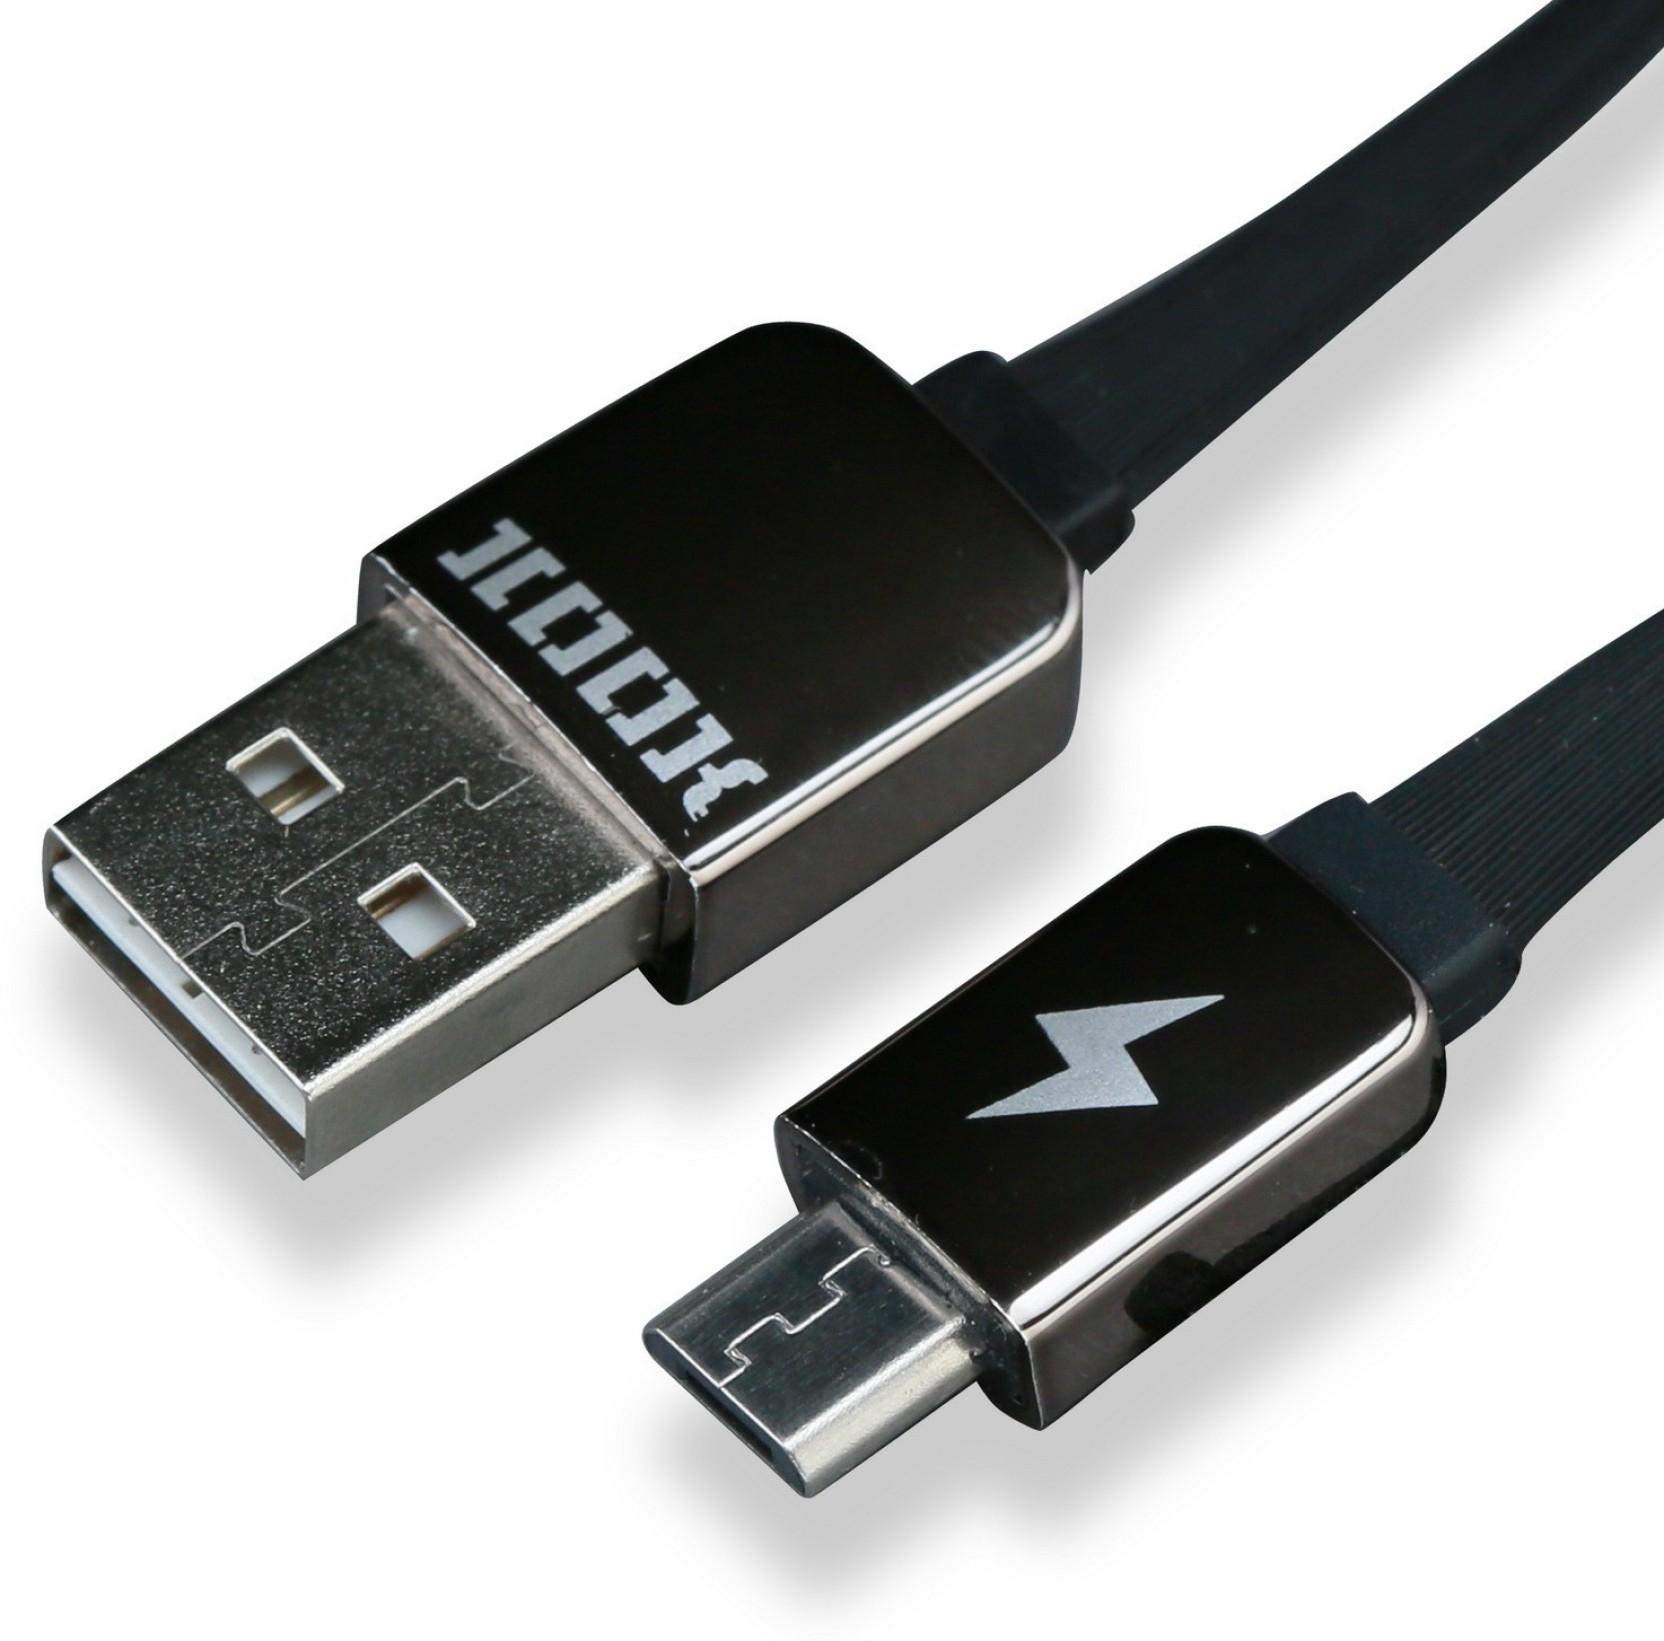 14df1d26f636f9 Hook Nokia 6230 data cable USB Cable - Hook : Flipkart.com